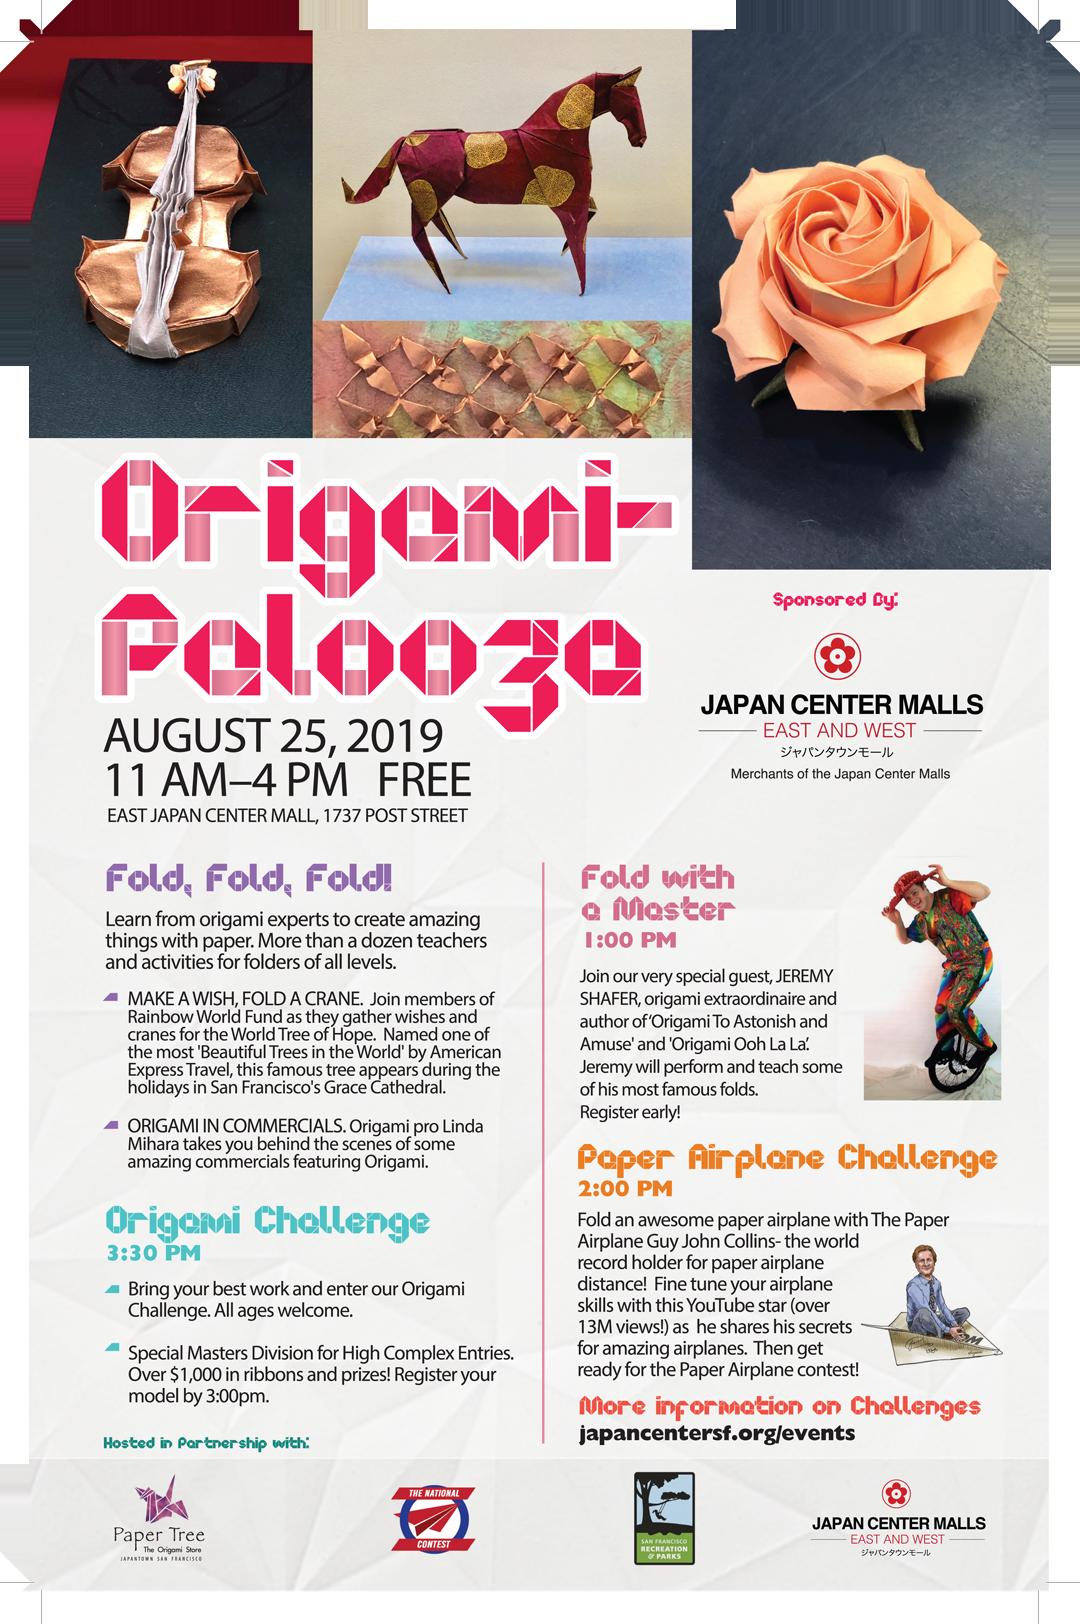 OrigamiPalooza_2019_web.png